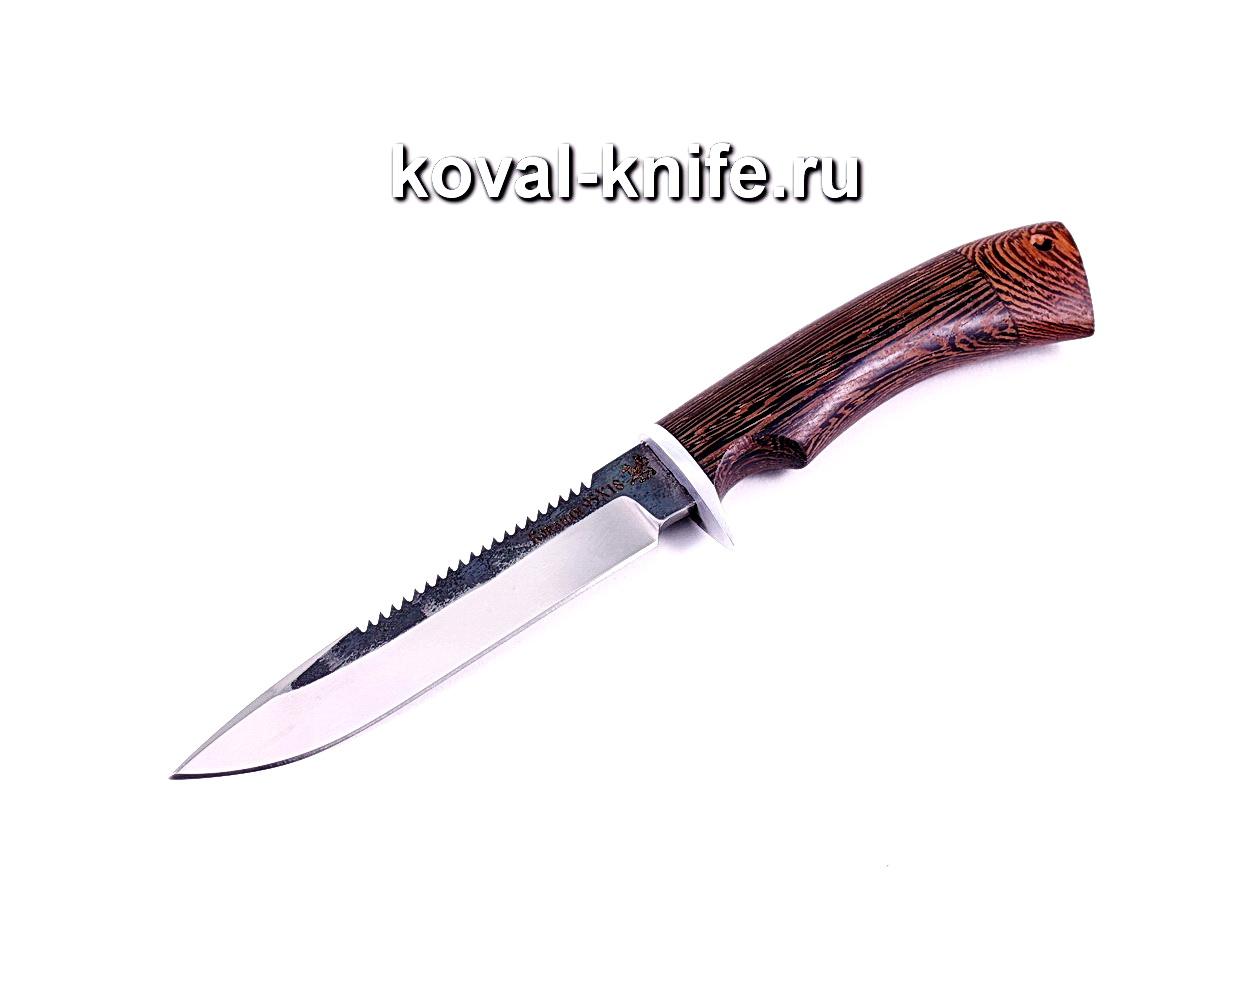 Нож Рыбак (сталь 95х18), рукоять венге A010